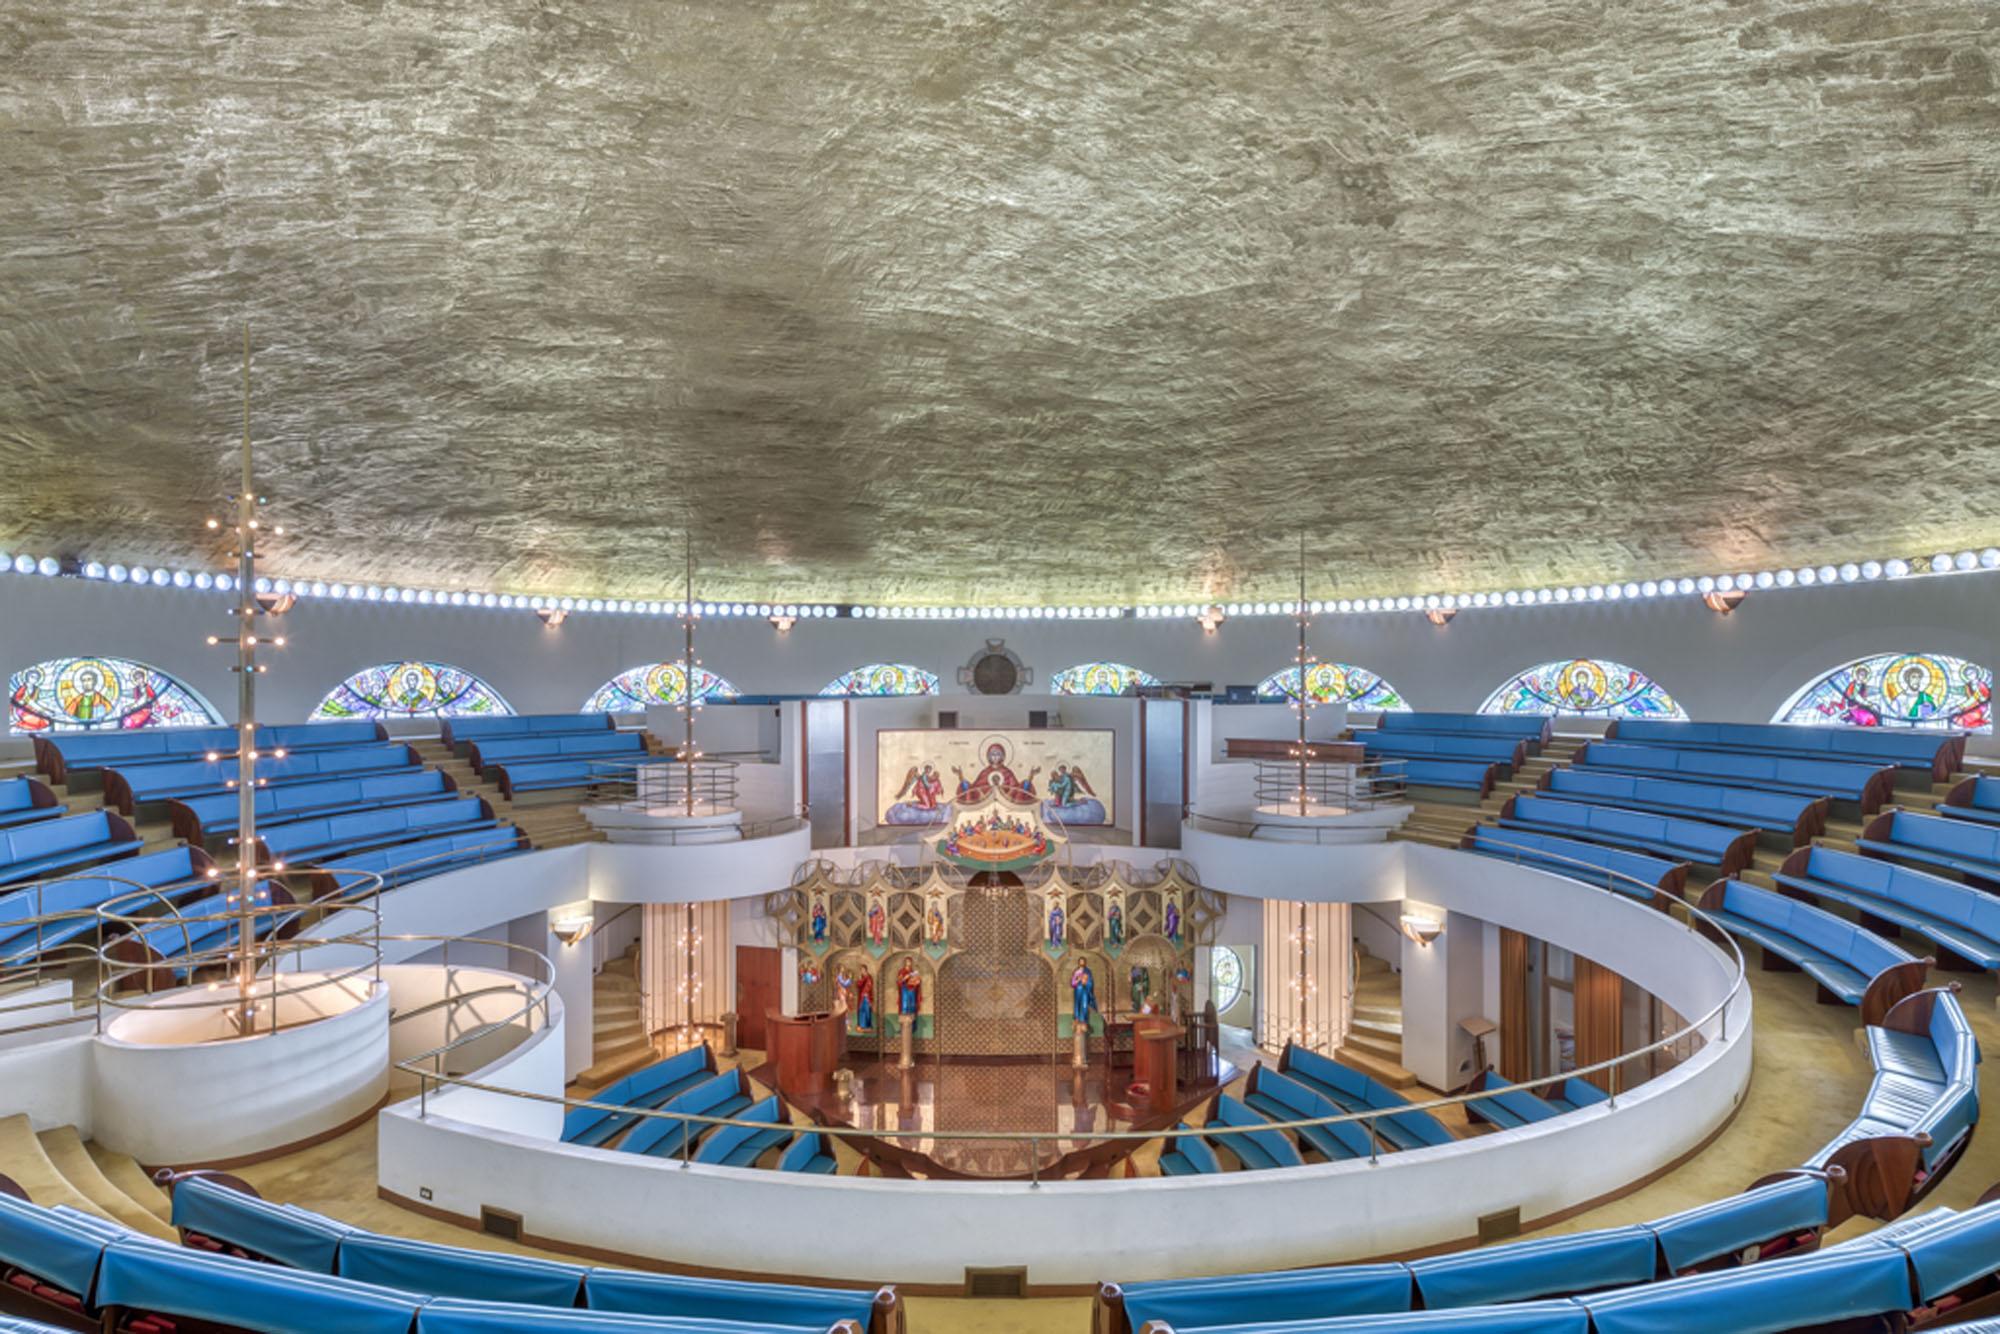 Interior of a circular church building